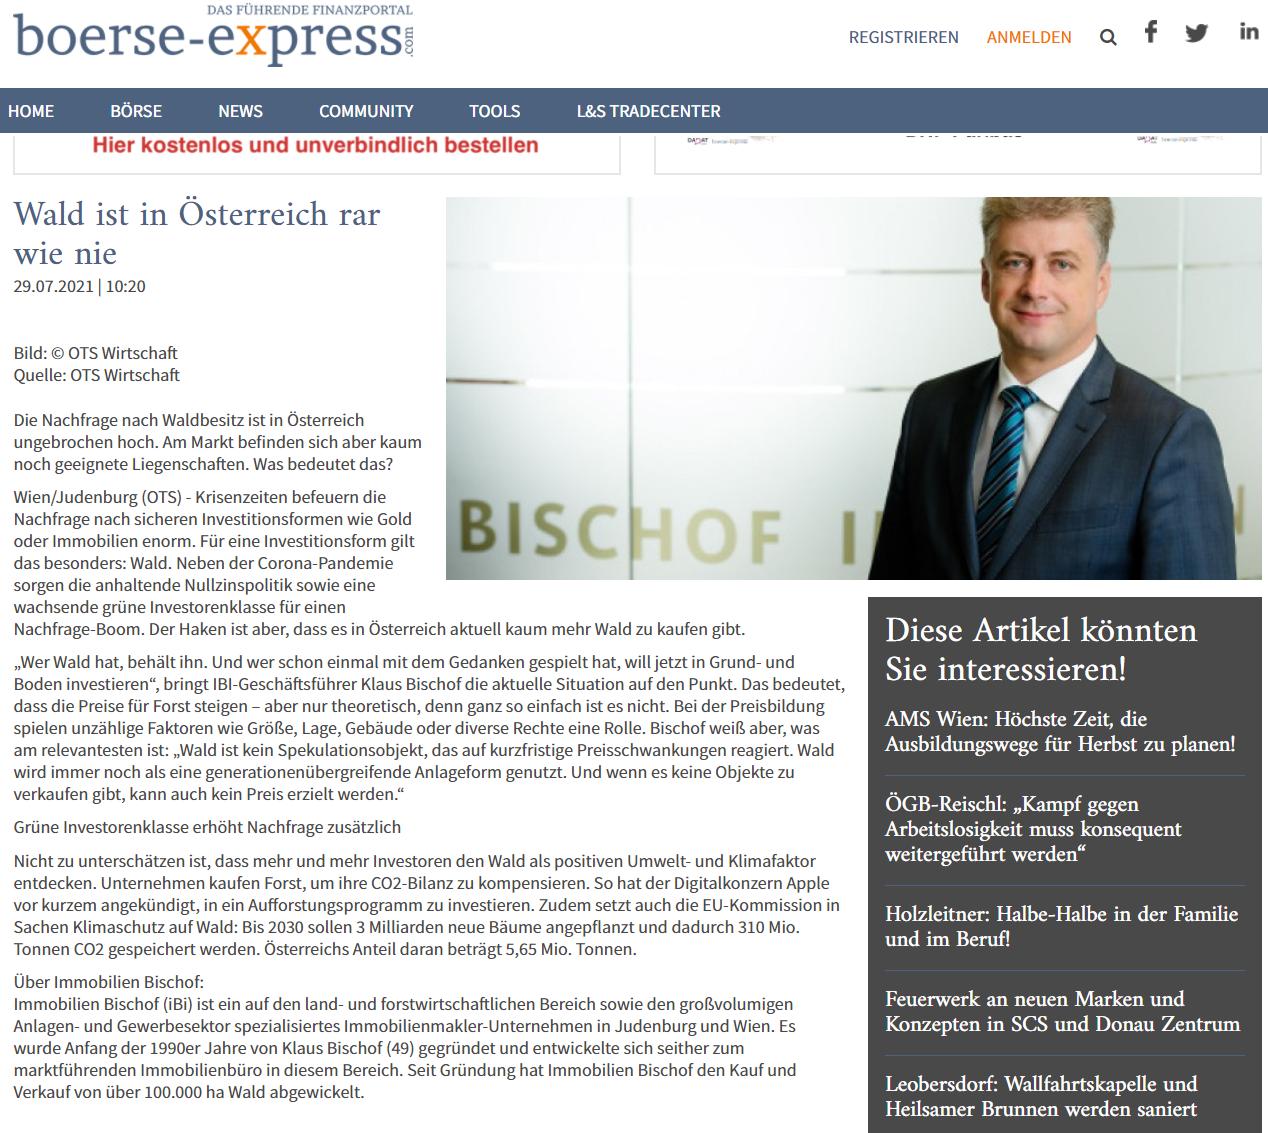 ungebrochen hohe Nachfrage nach Waldbesitz - Artikel im Börse-Express vom 29.7.2021